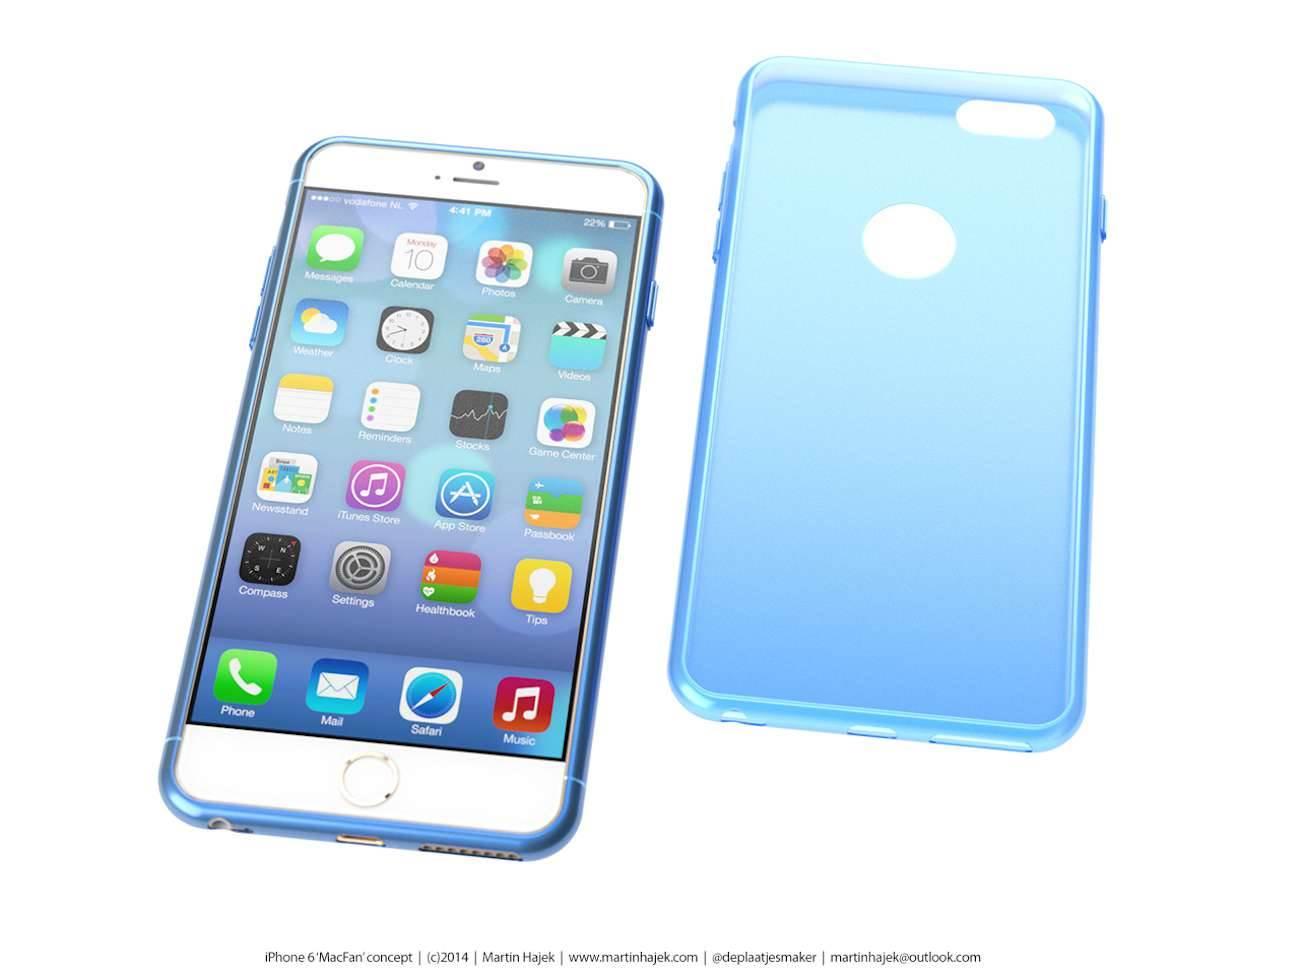 iPhone 6 i bardzo interesujący koncept Martina Hajek'a ciekawostki Zdjęcia iPhone 6, Wizja, Nowy iPhone 6, koncept, jak będzie wyglądał nowy iPhone 6, iPhone6, iPhone Air, iPhone 6, iPhone, Apple  Pamiętacie jak kilka dni temu umieściliśmy na stronie zdjęcia rzekomej obudowy nowego iPhone'a 6? iP64